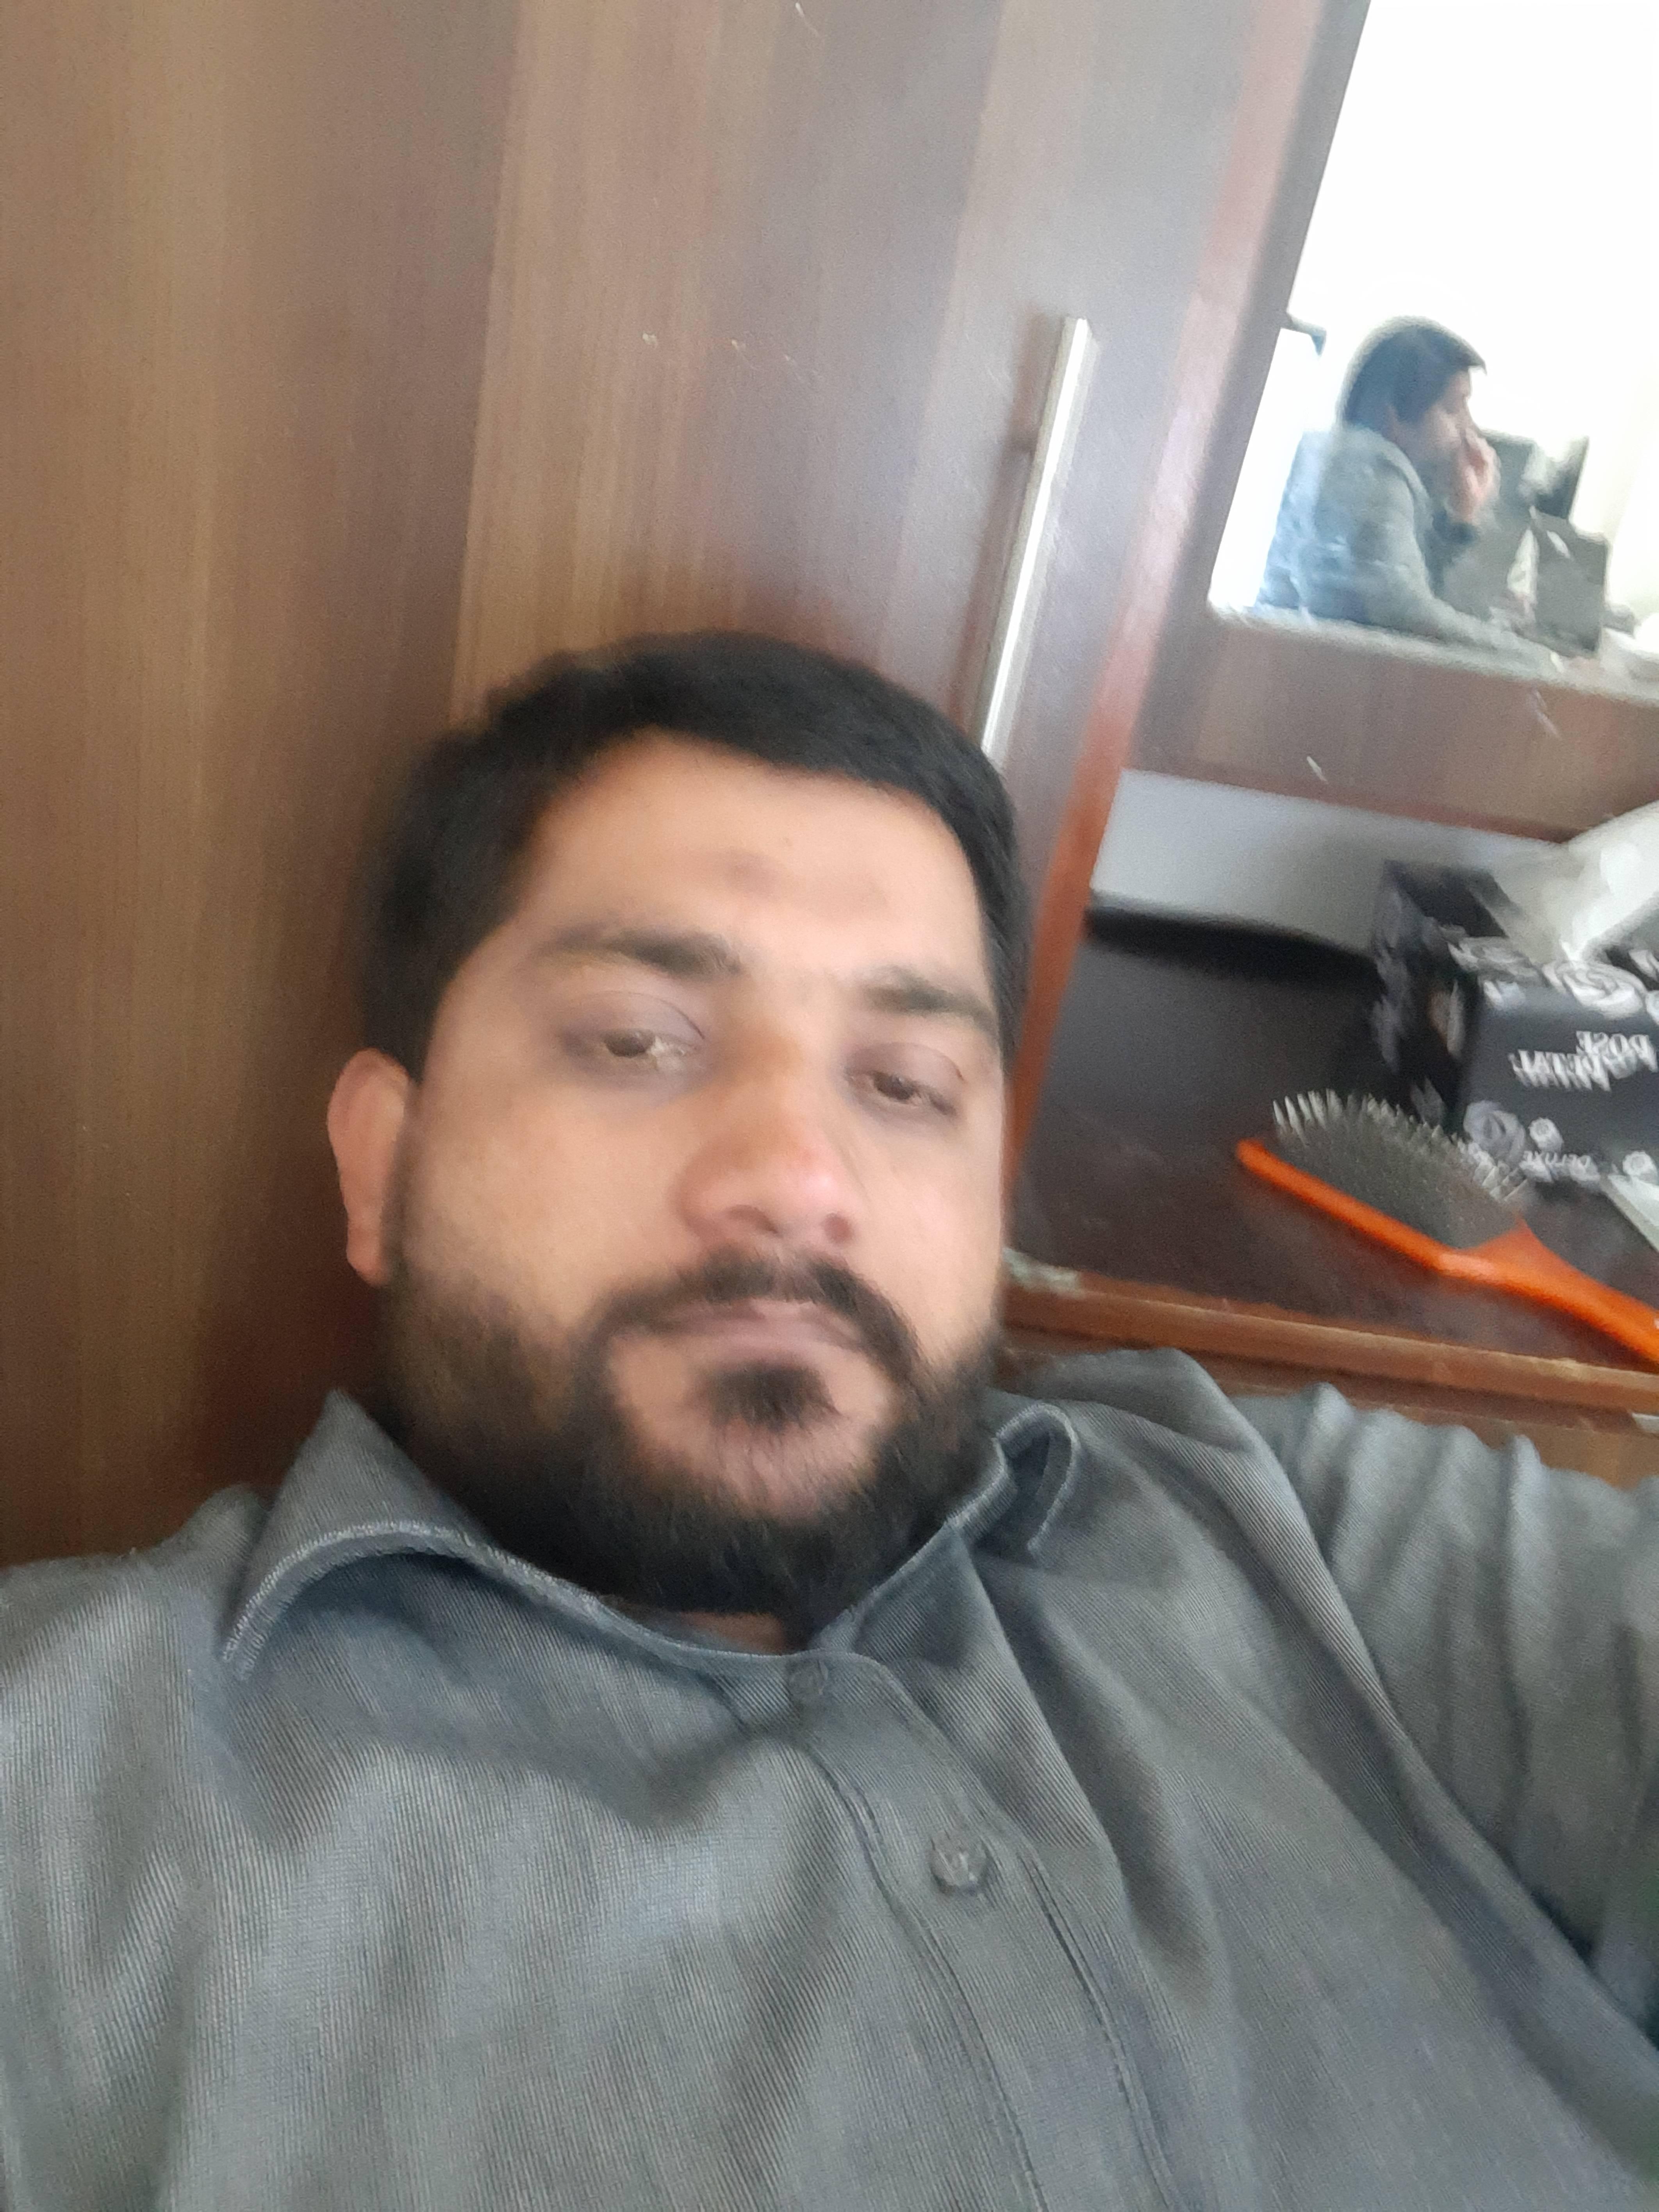 Mahboob Ur Rehman